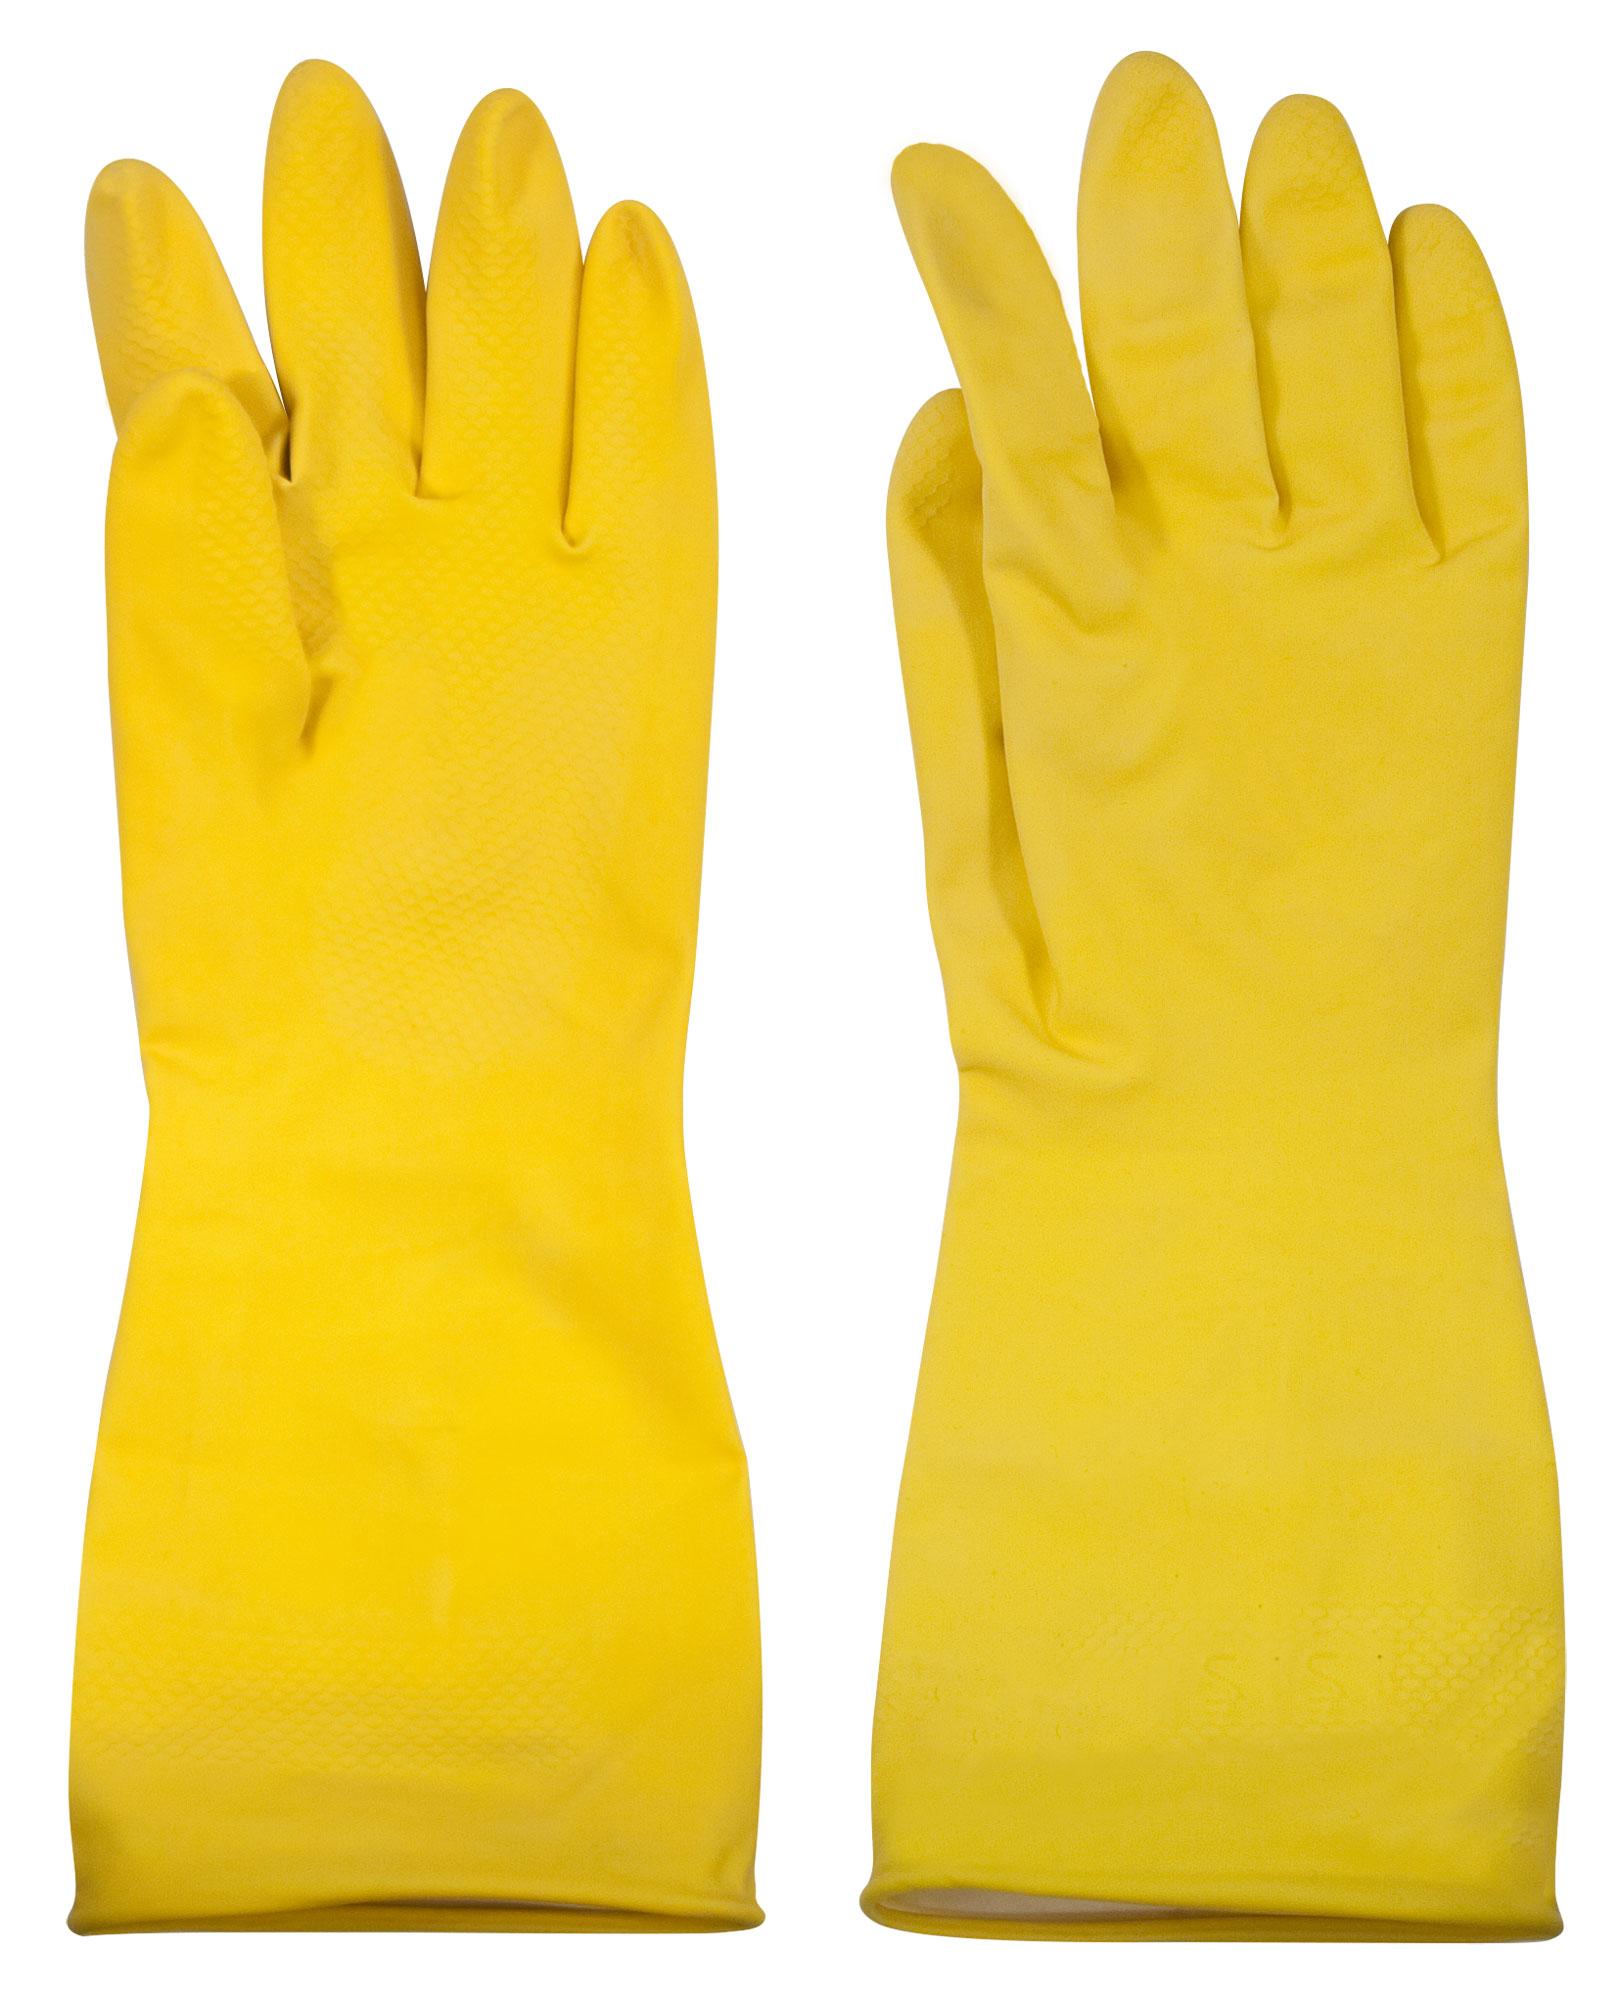 Перчатки латексные с напылением, размер S.